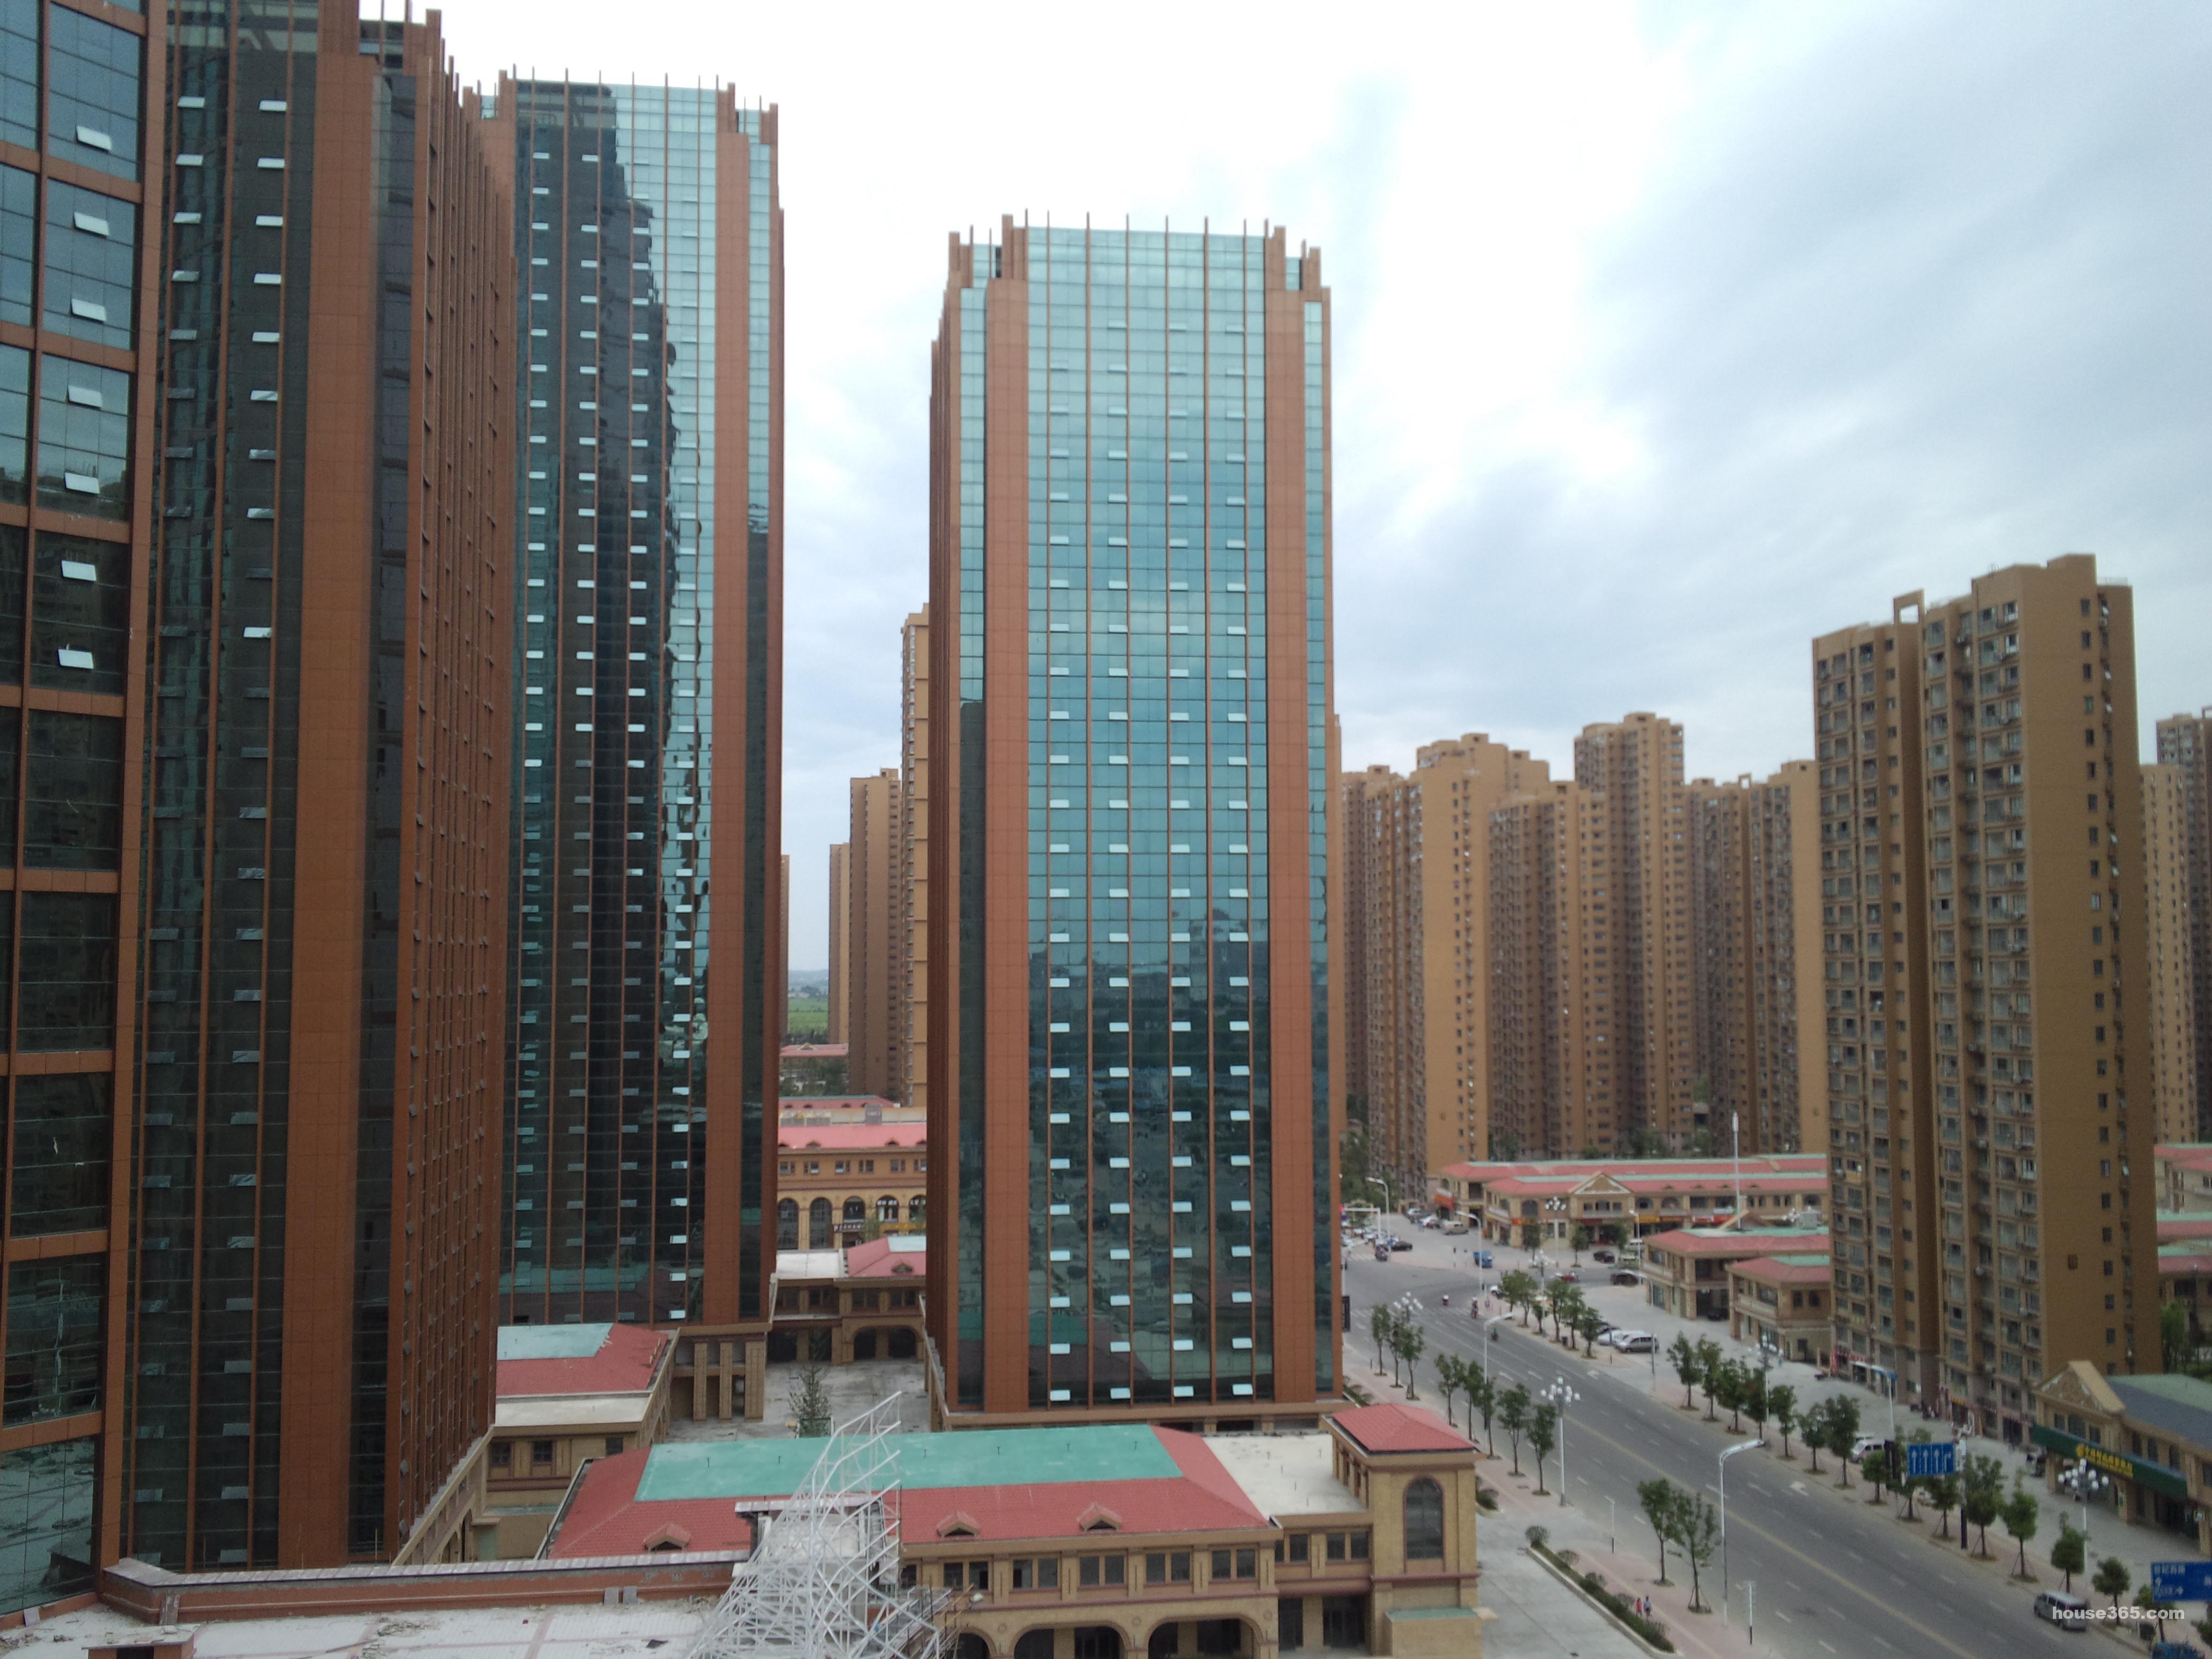 北城世纪城五星级精装酒店公寓 -合肥租房网 365租房网图片